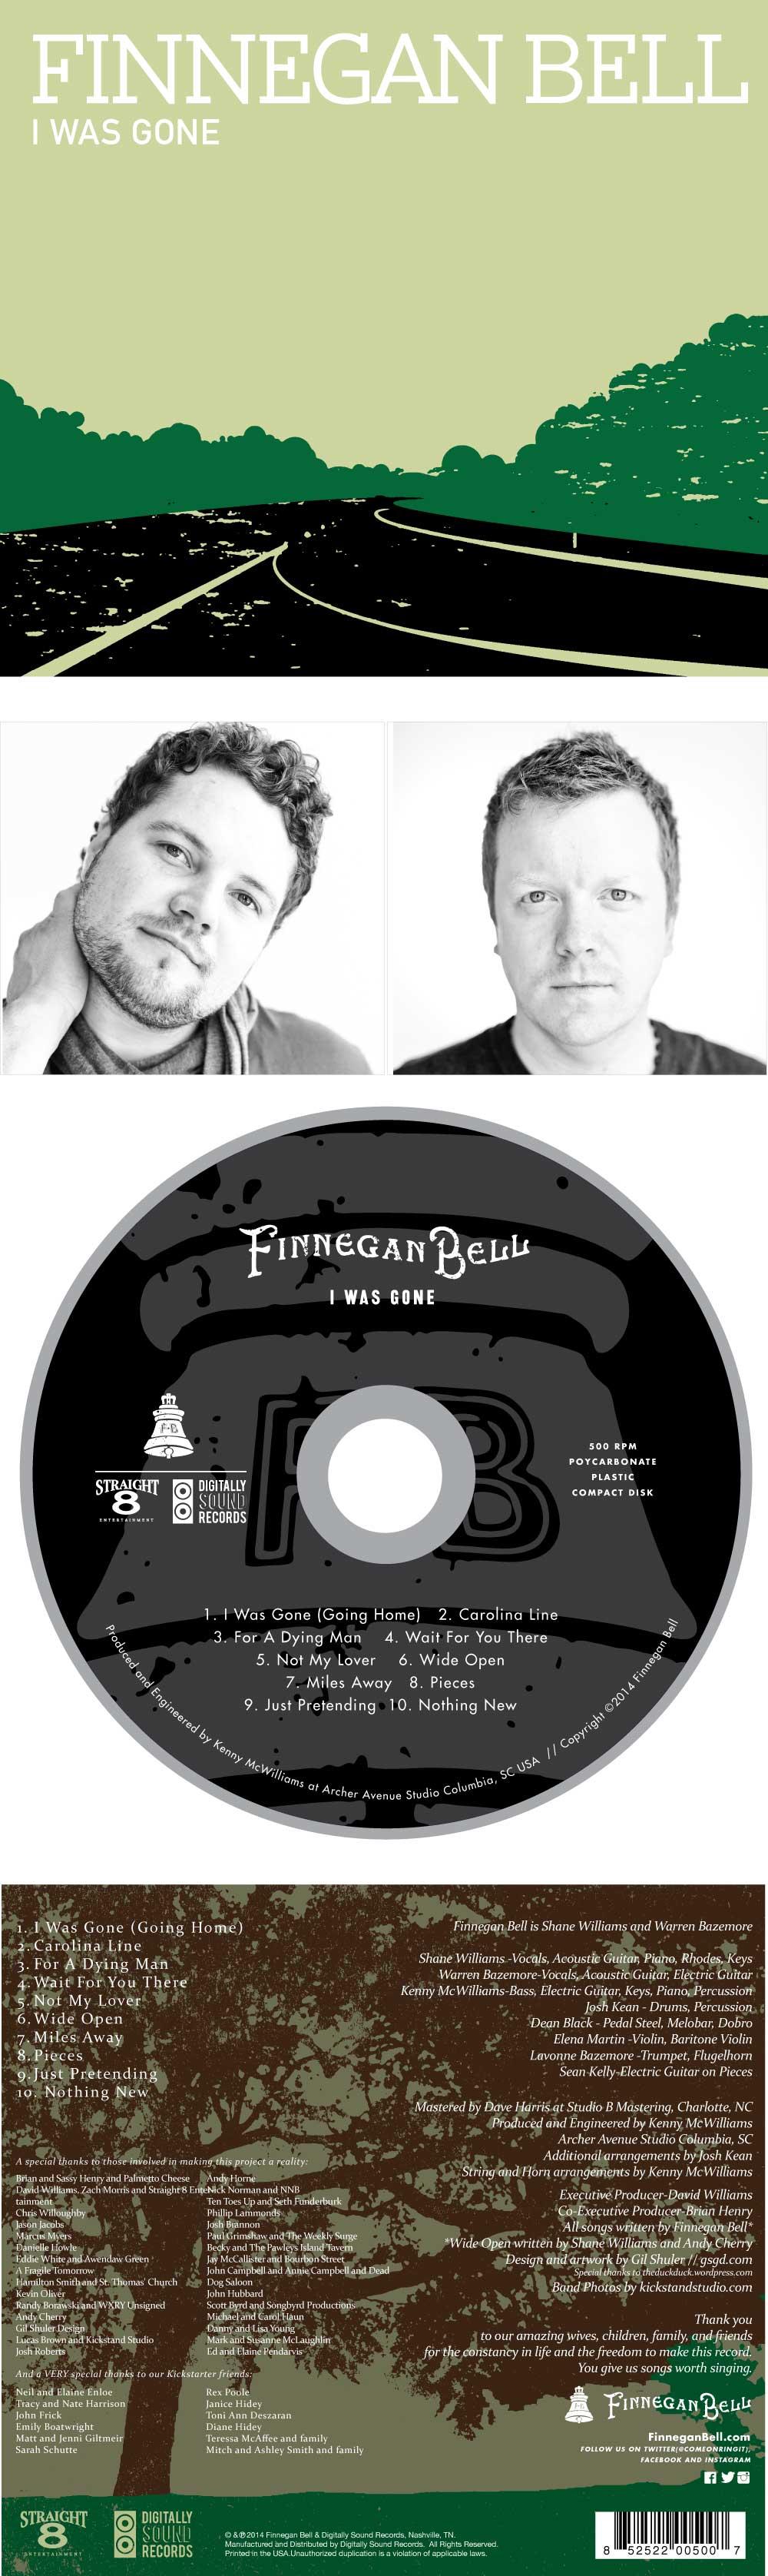 Finnegan-Bell-web-post